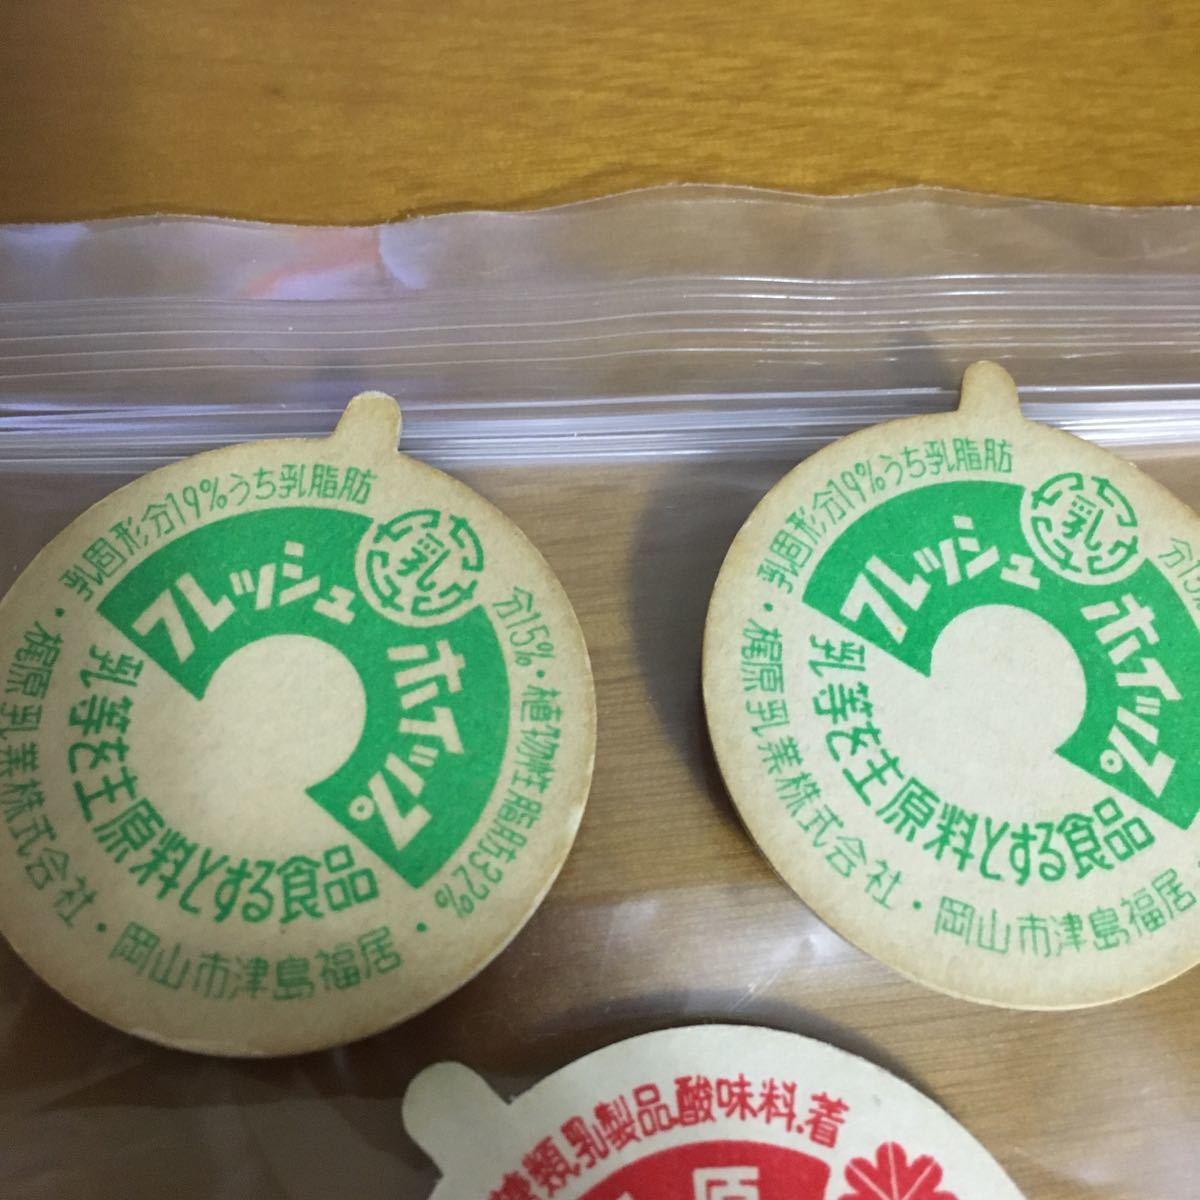 牛乳瓶 蓋 フタ キャップ 未使用?! 超美品 レトロ 昭和 ④_画像3